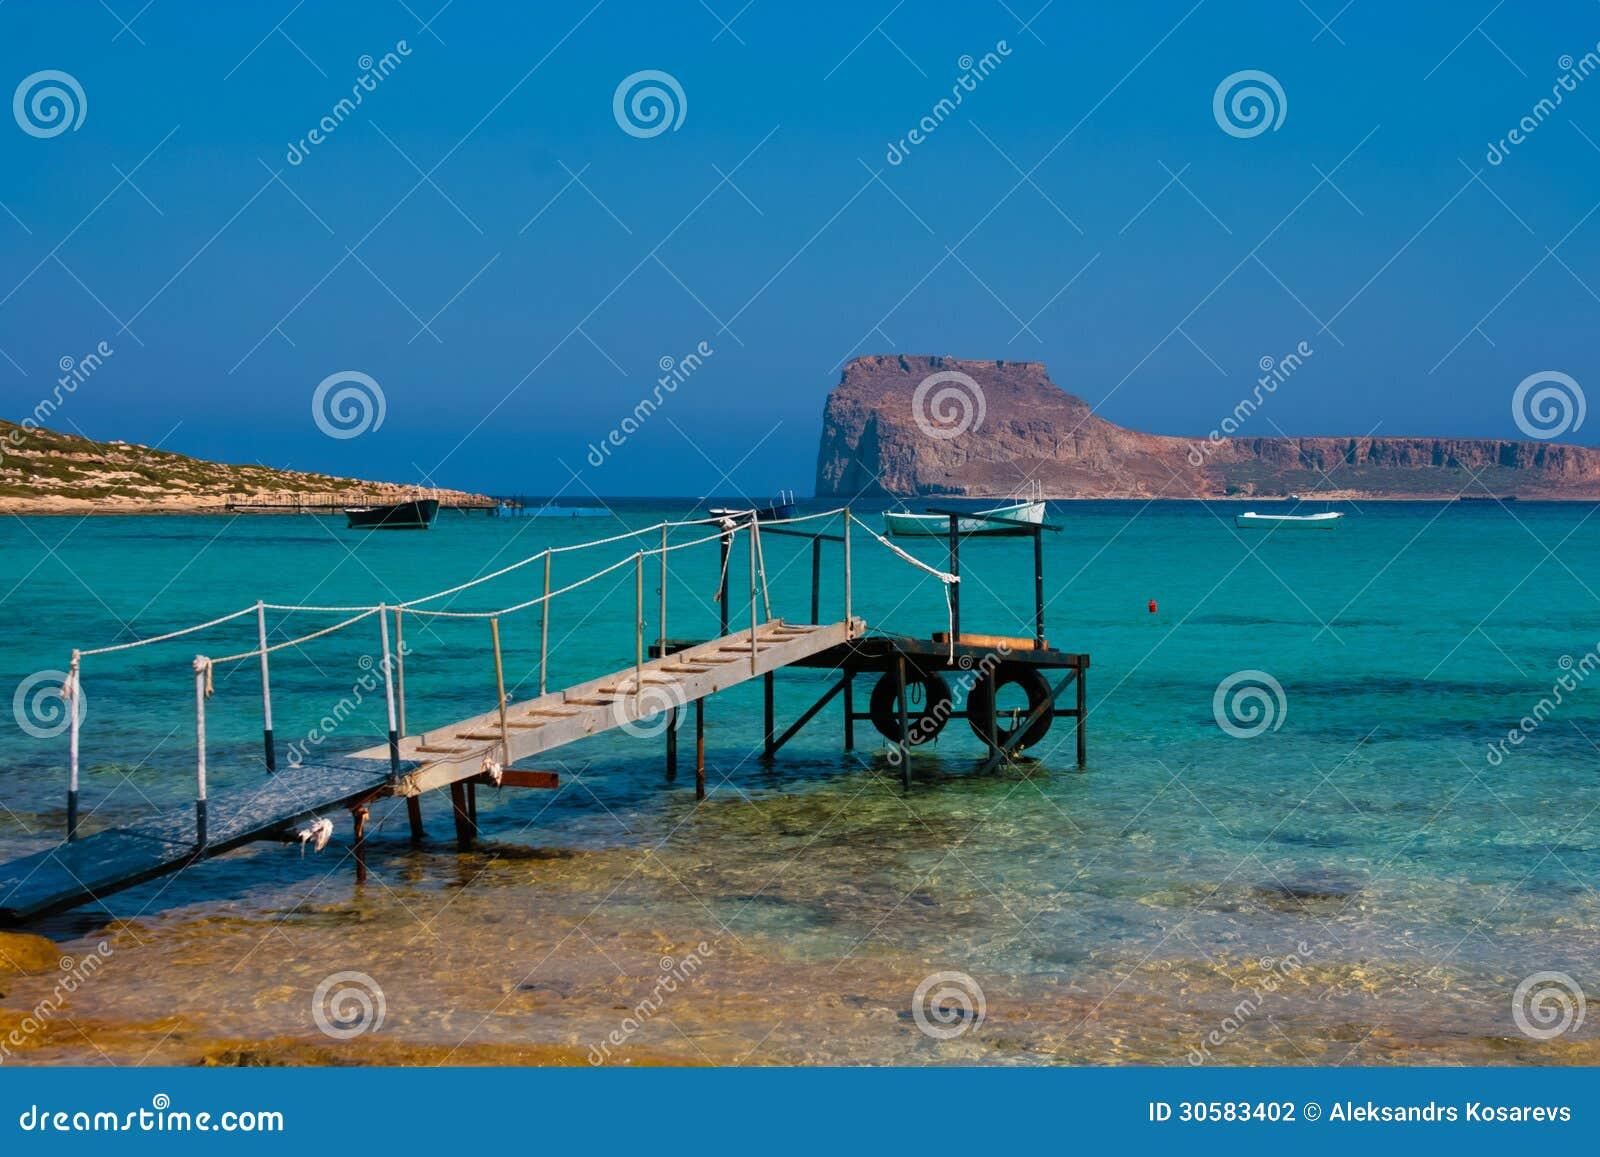 Pilier vide dans la lagune de Balos sur Crète, Grèce